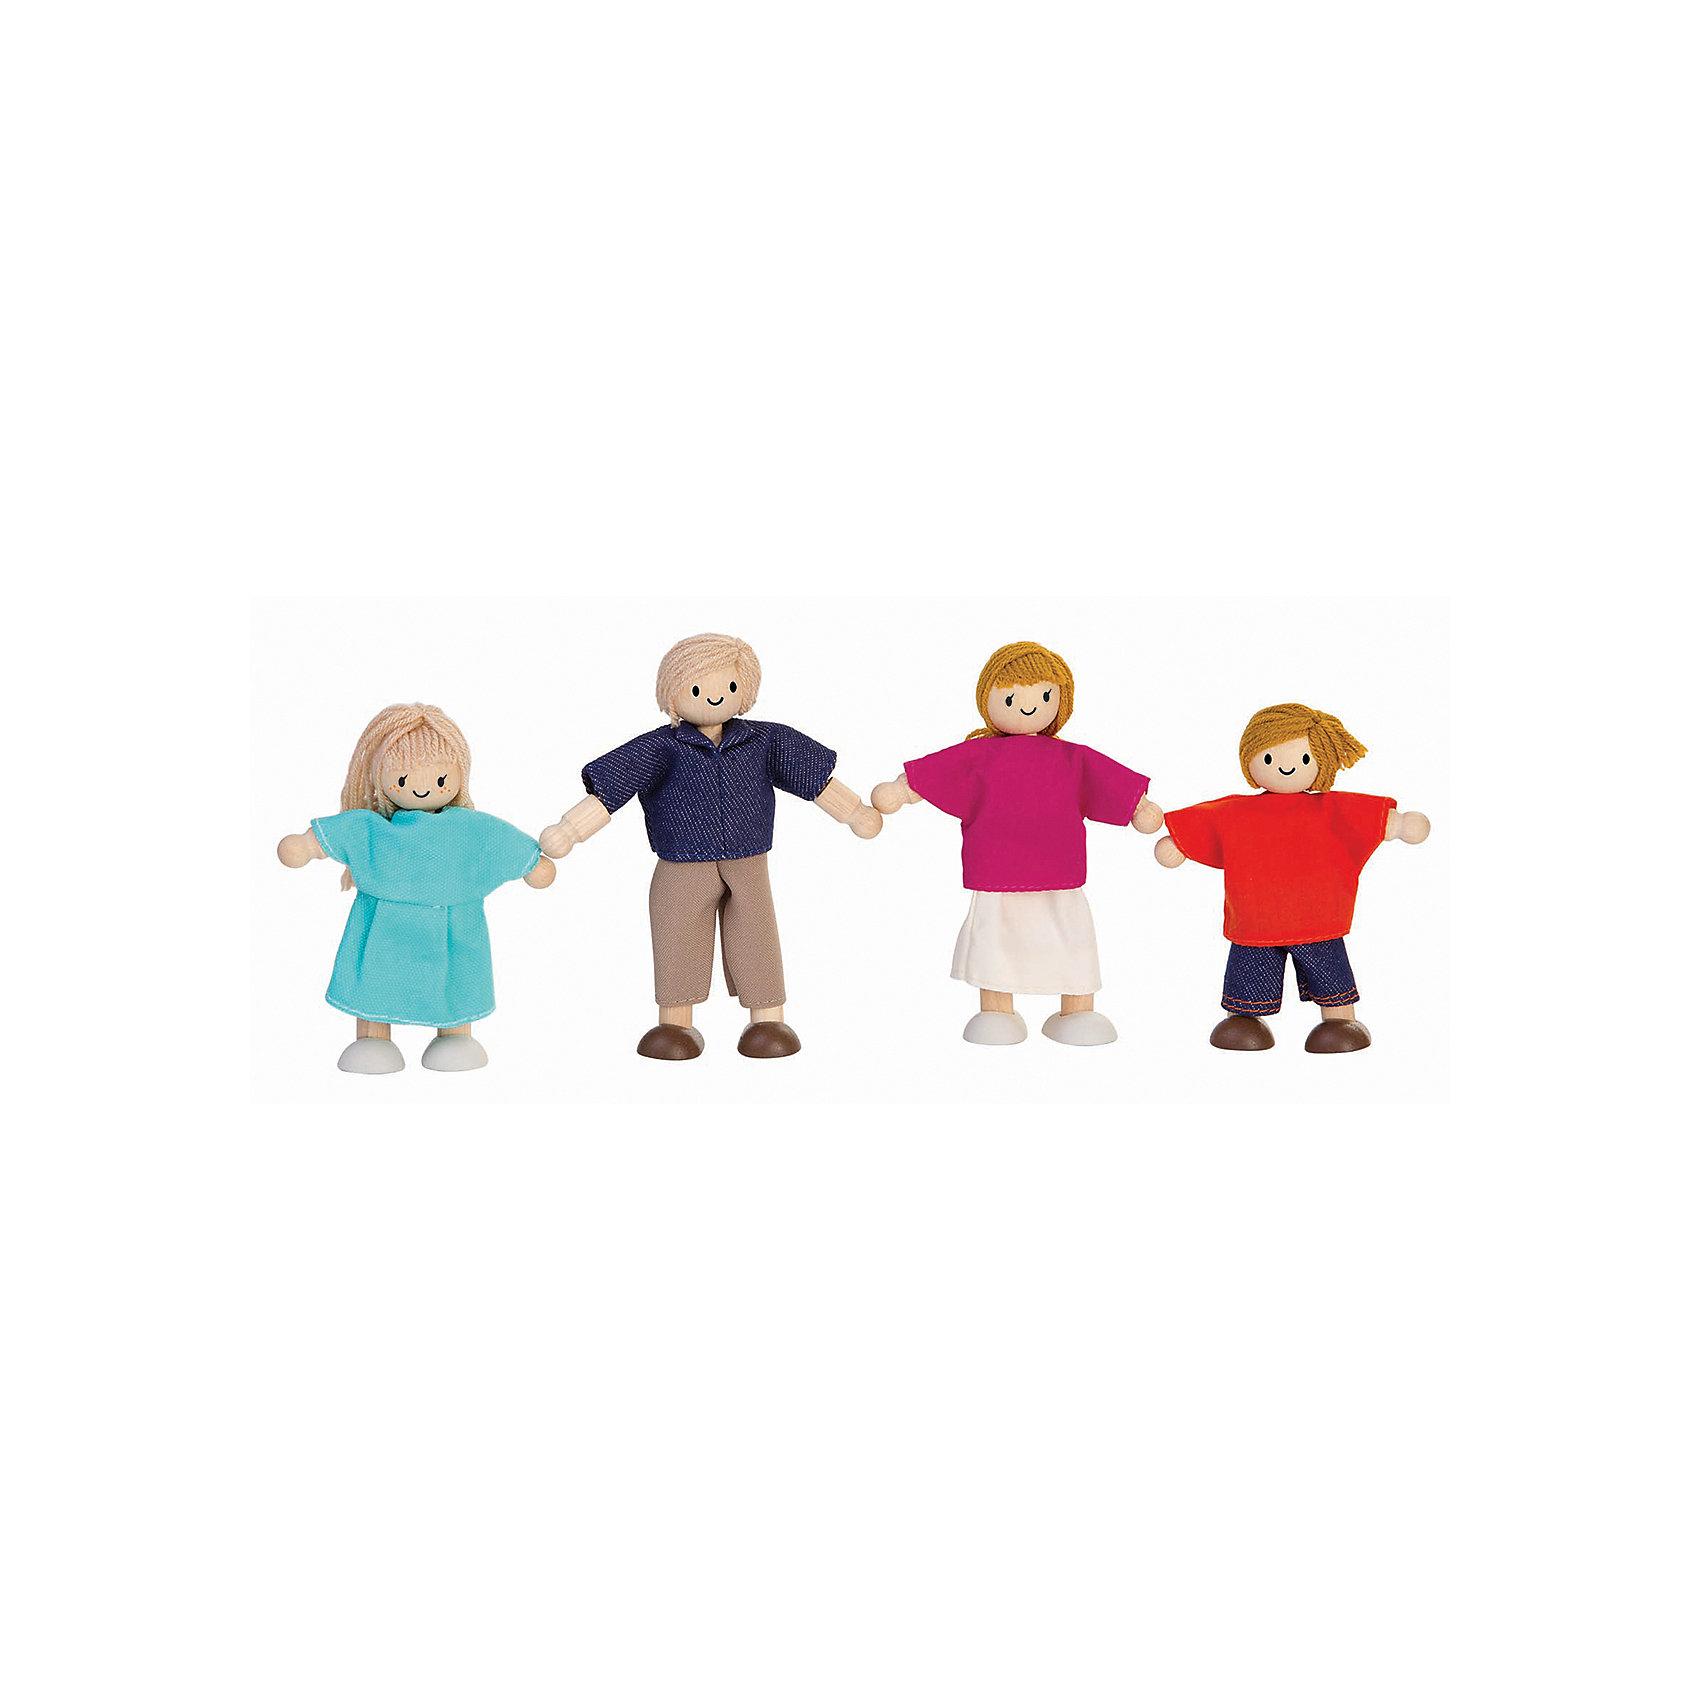 Plan Toys PLAN TOYS 7415 Кукольная семья конструкторы plan toys игра кактус